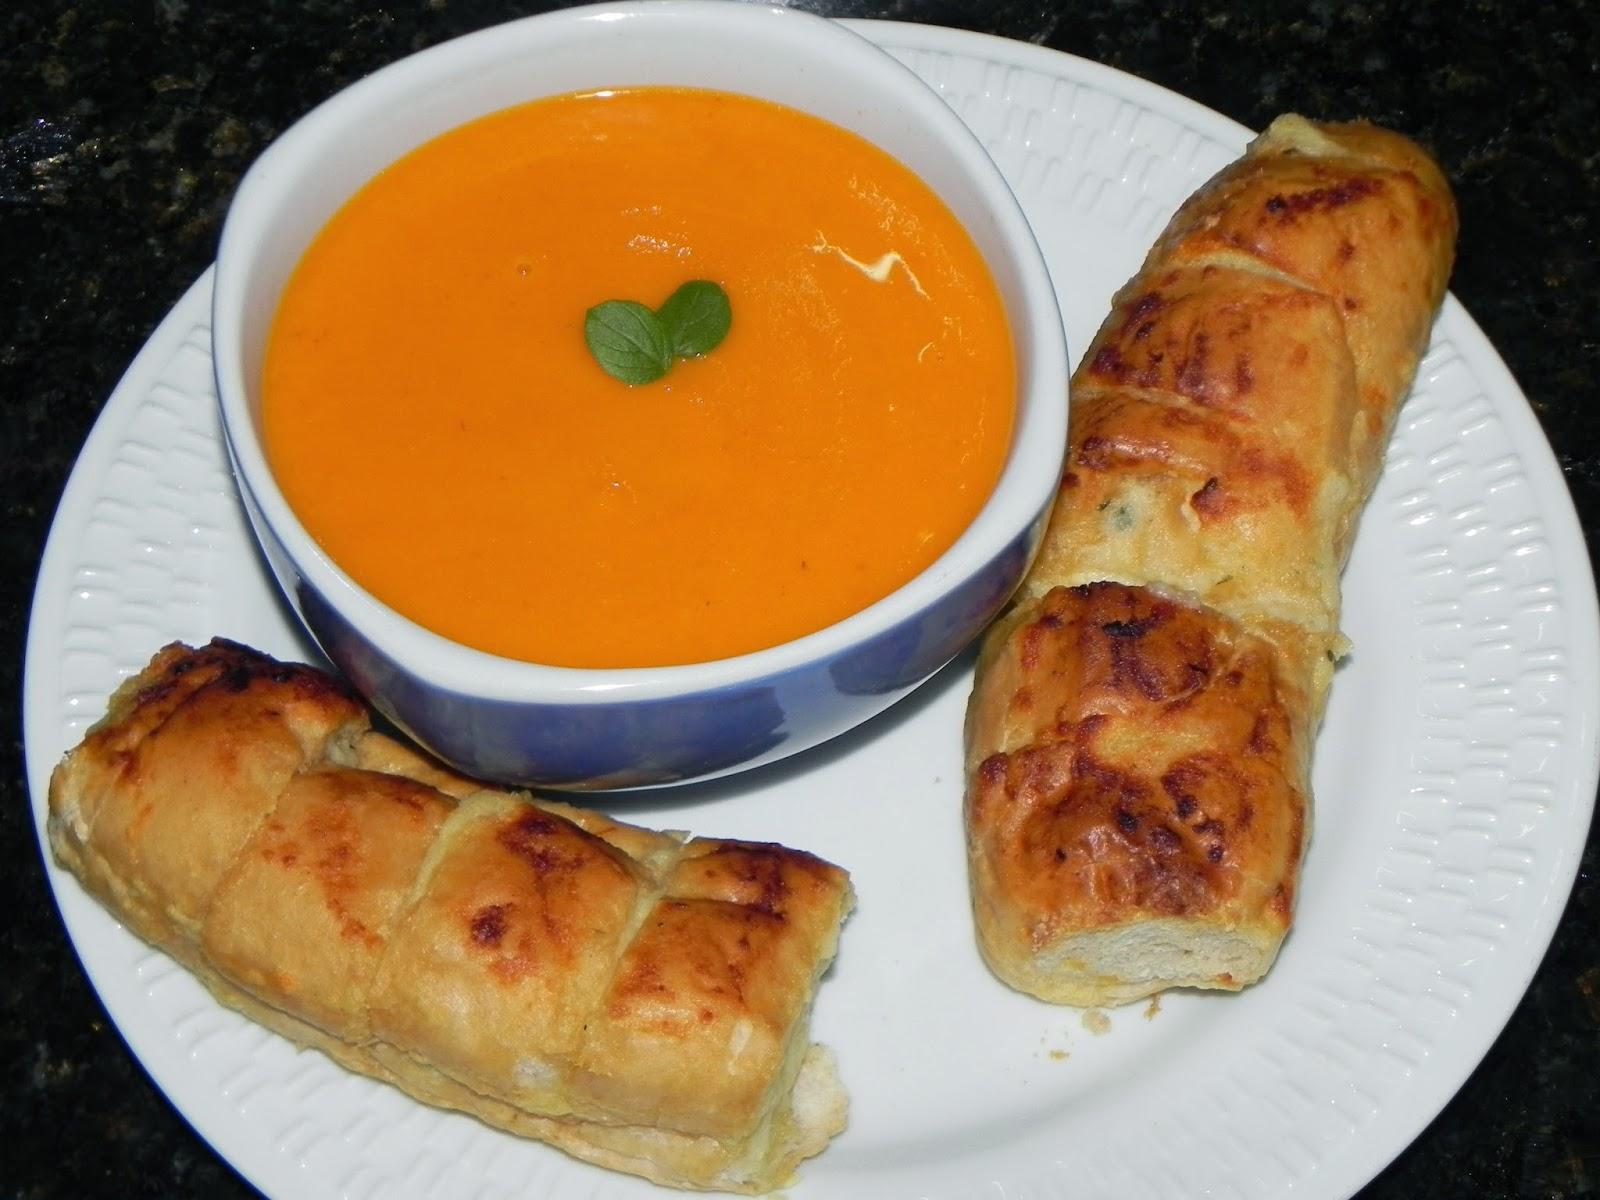 sopa de tomate com pão de alho